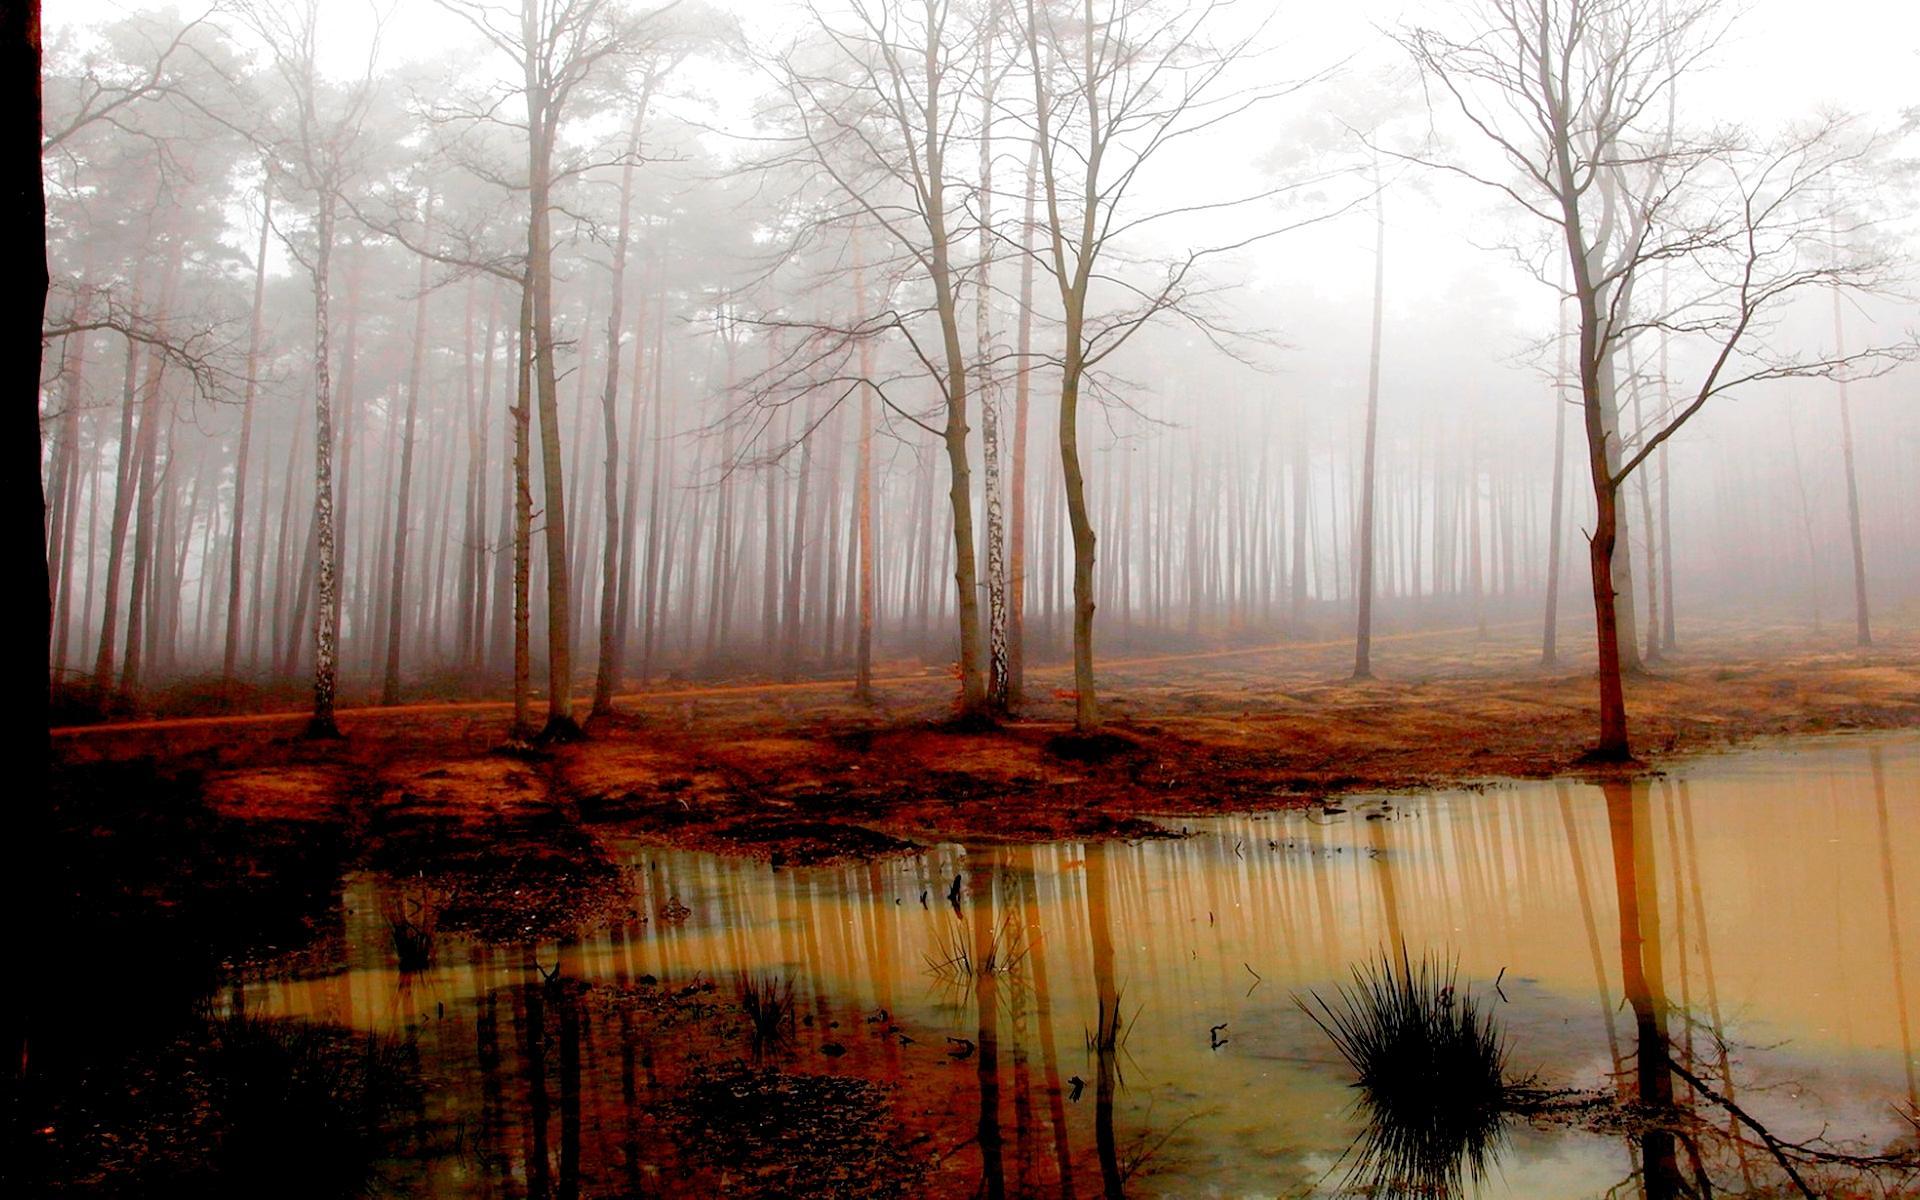 Forest Swamp 1920x1200 Download Hd Wallpaper Wallpapertip